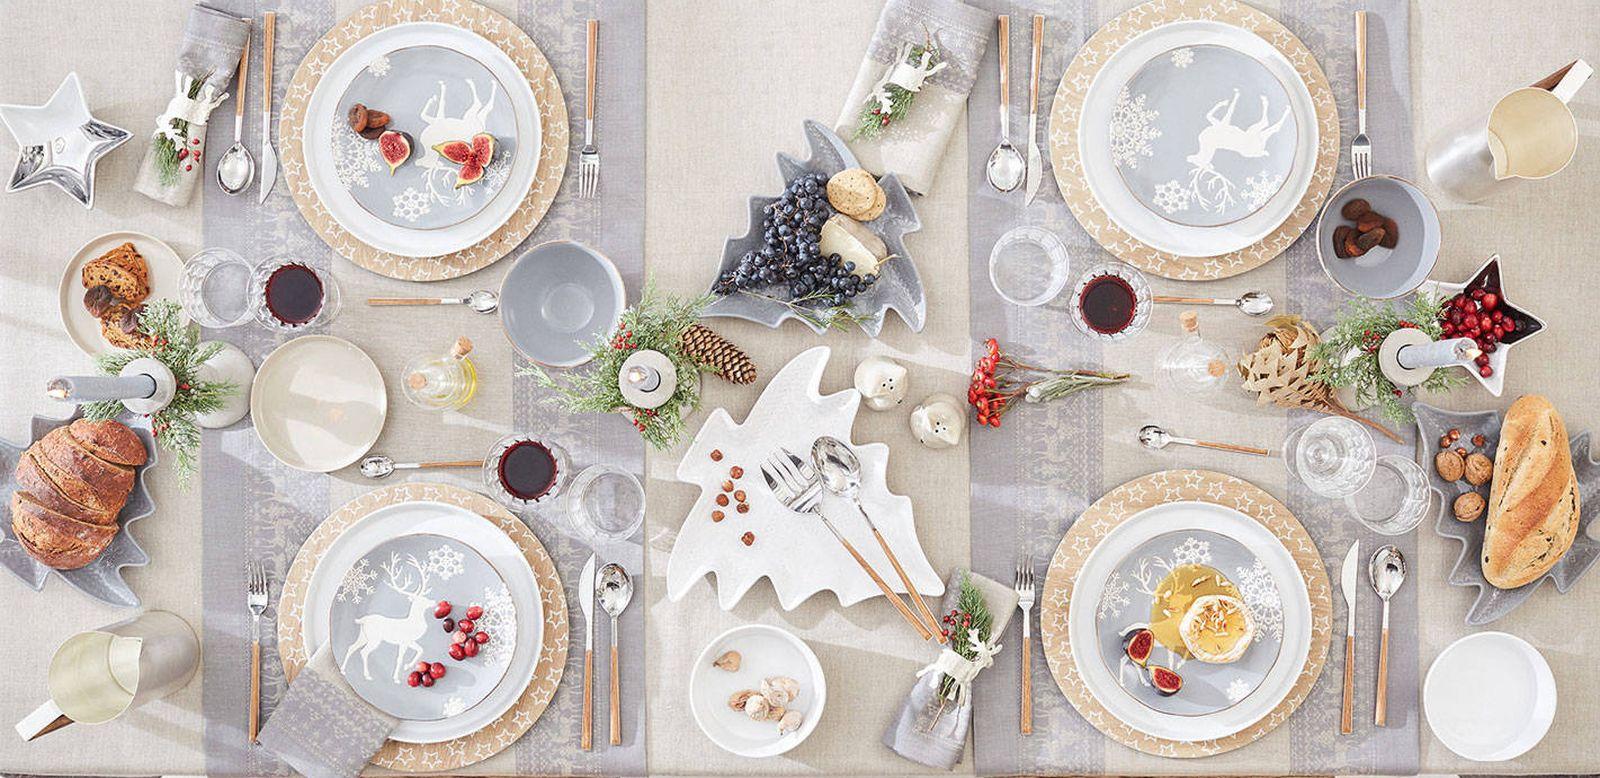 Navidad protocolo en la mesa de navidad qu s y qu no - Vajilla de navidad ...